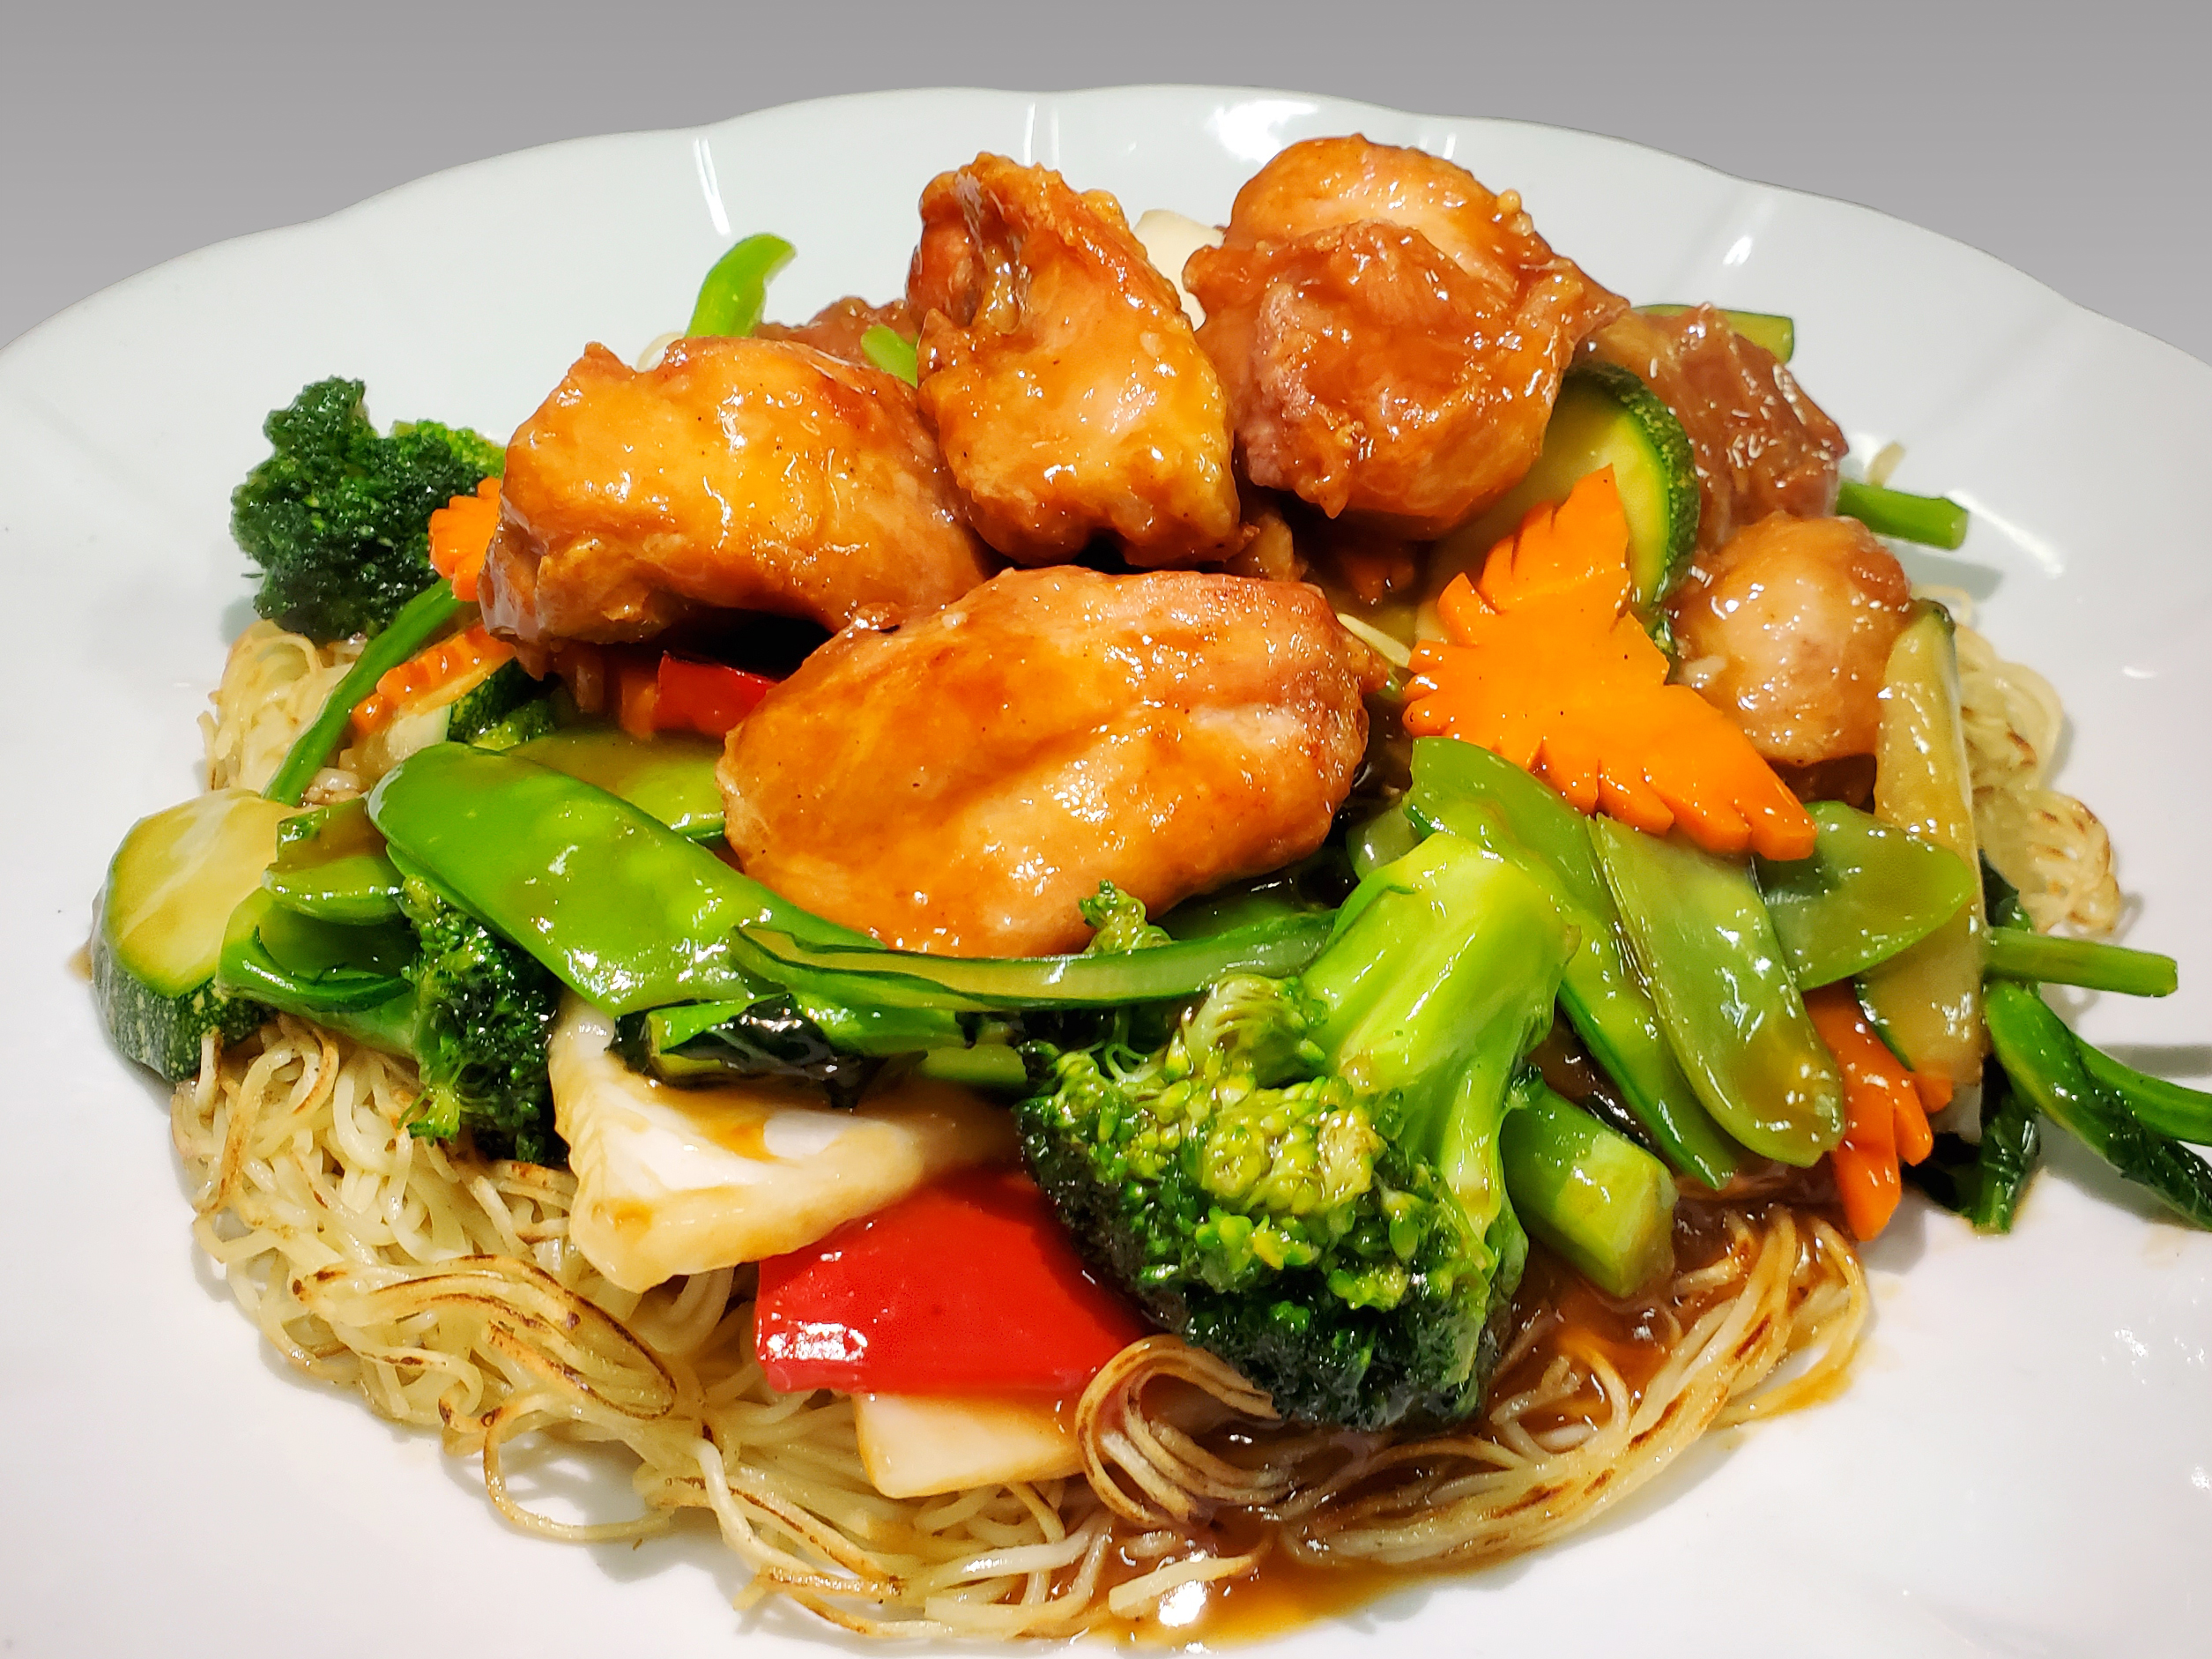 Con verduras mixtas y pollo en trozos.